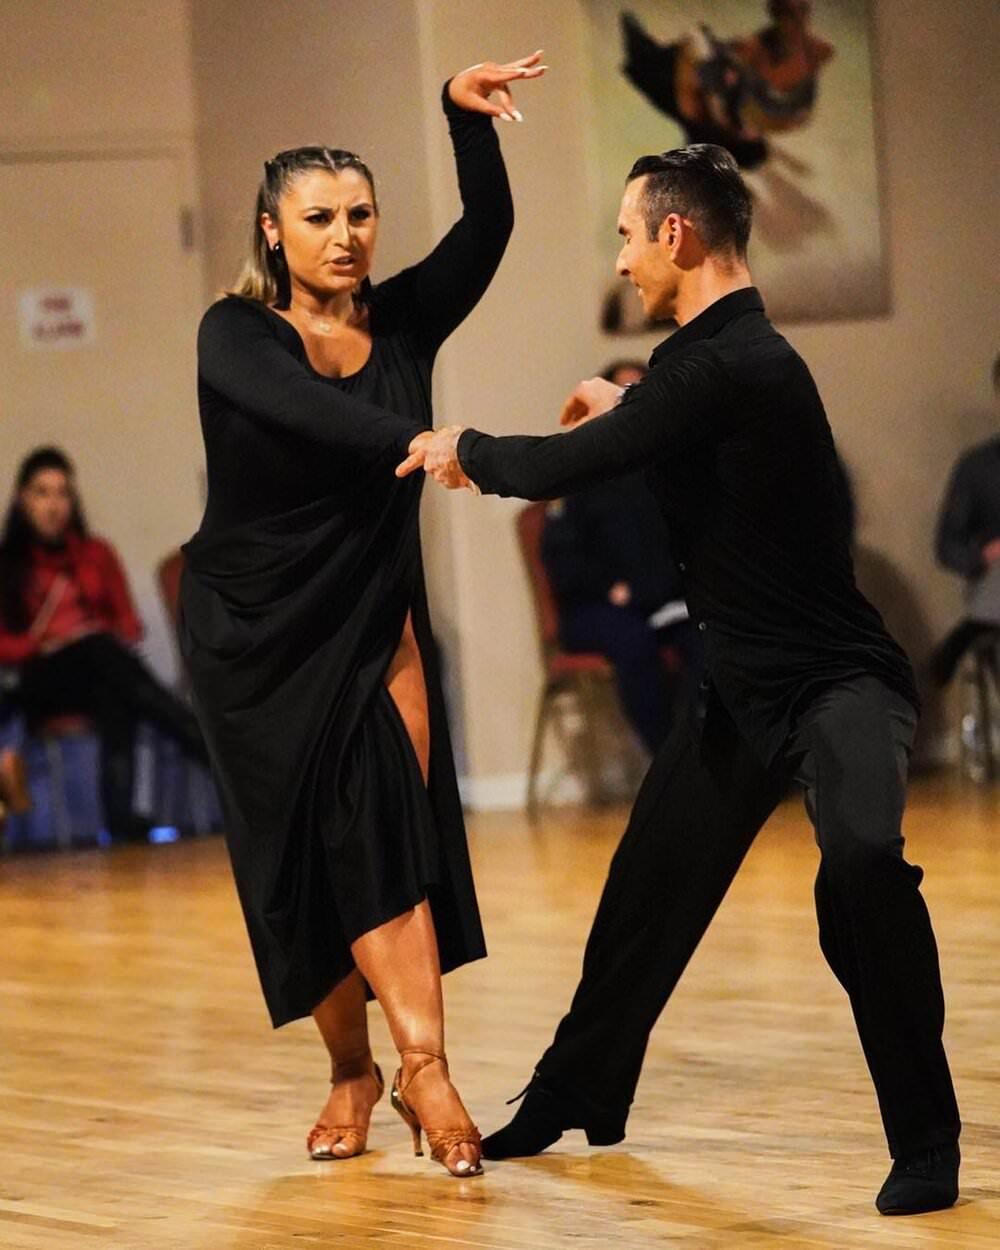 Atanas Malamov with students at Showcase at Aria Ballroom